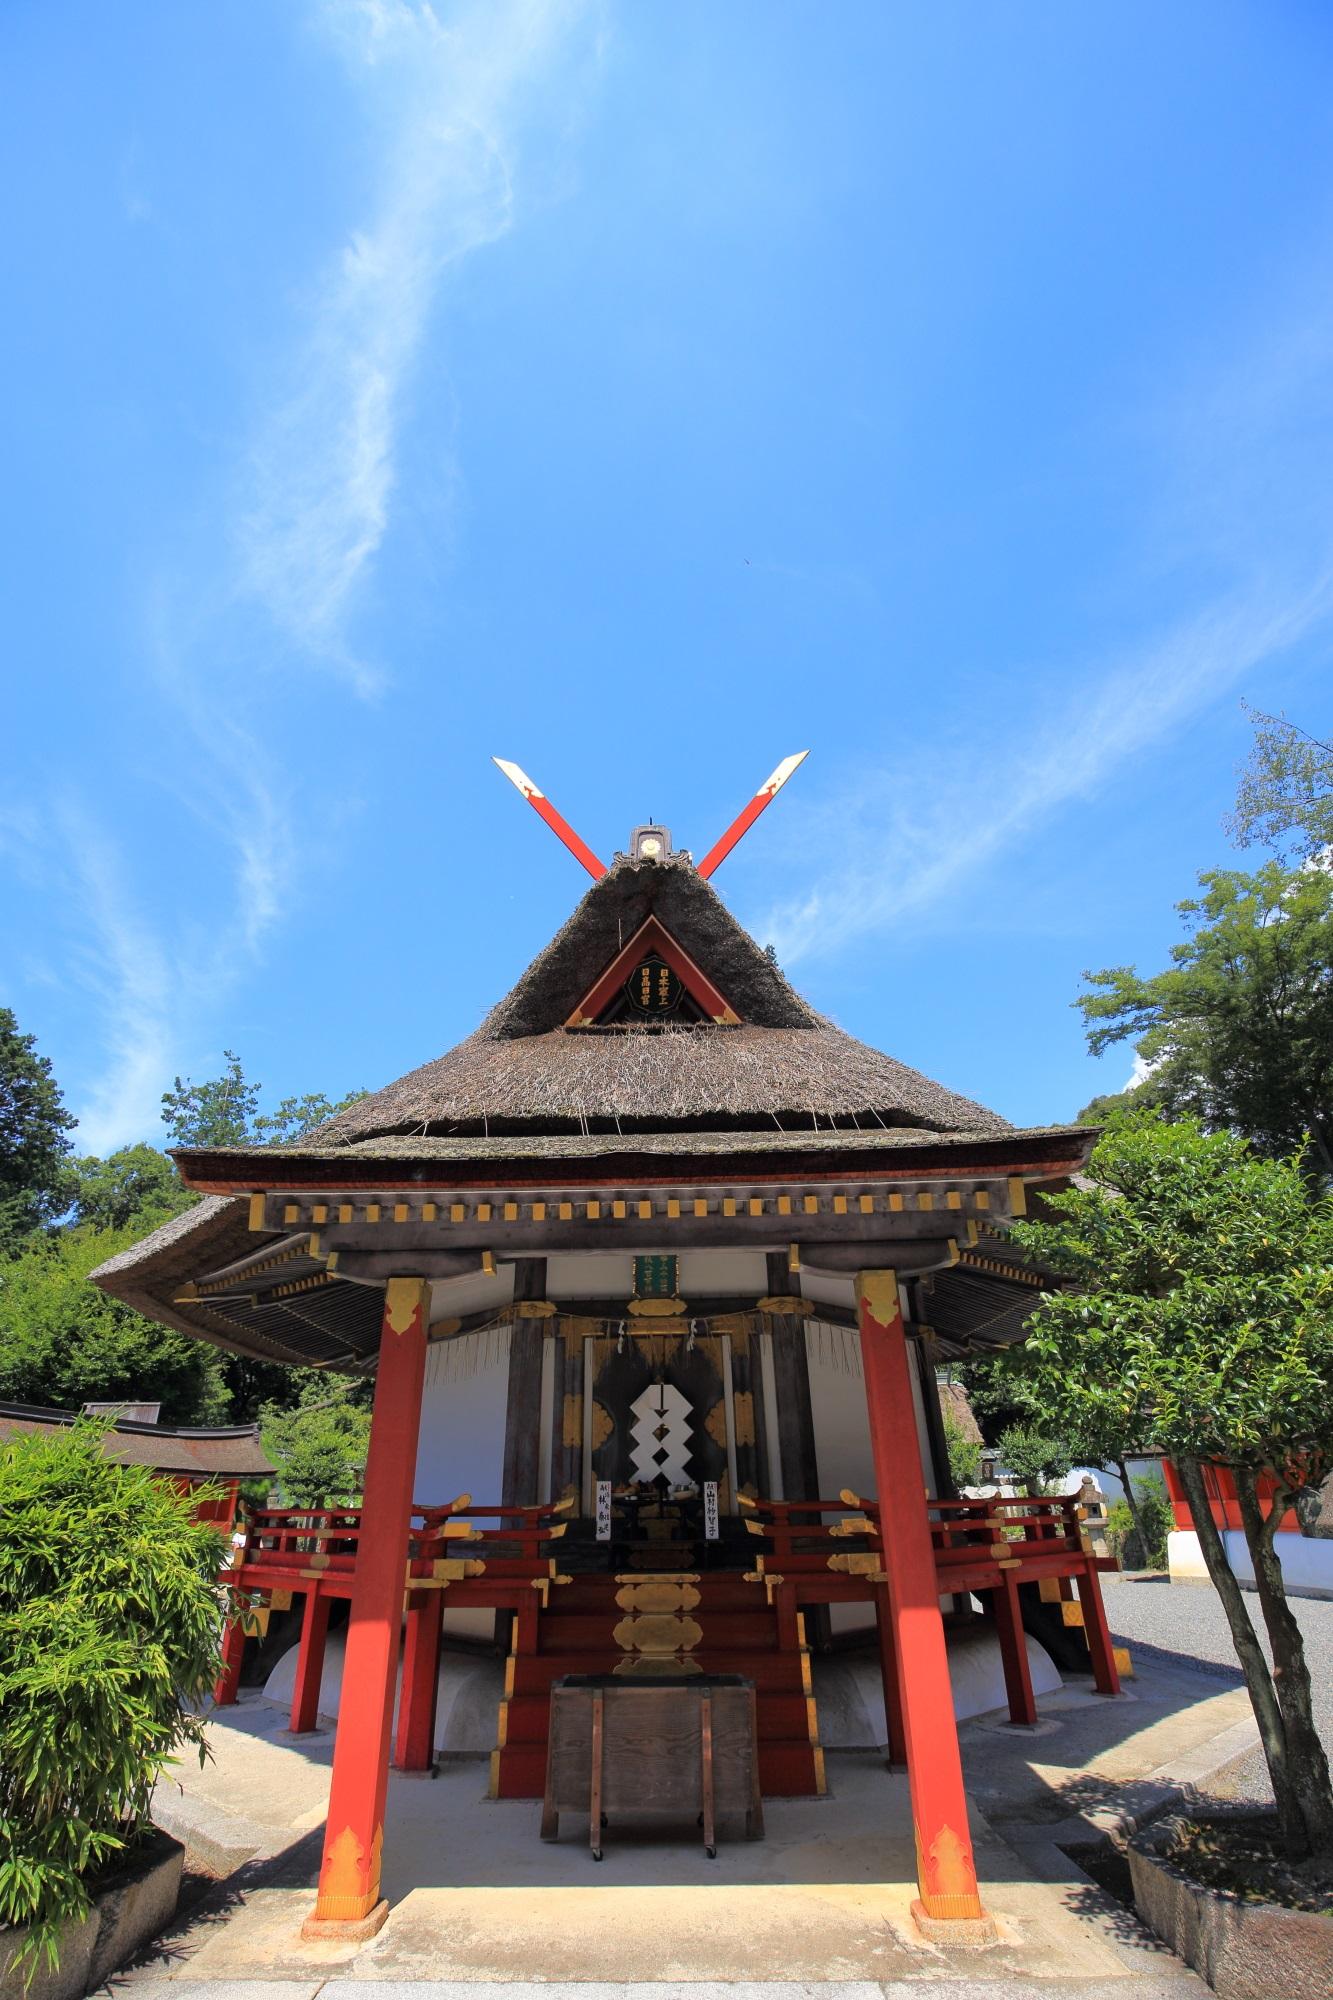 全国の神様が集う吉田神社末社の斎場所大元宮